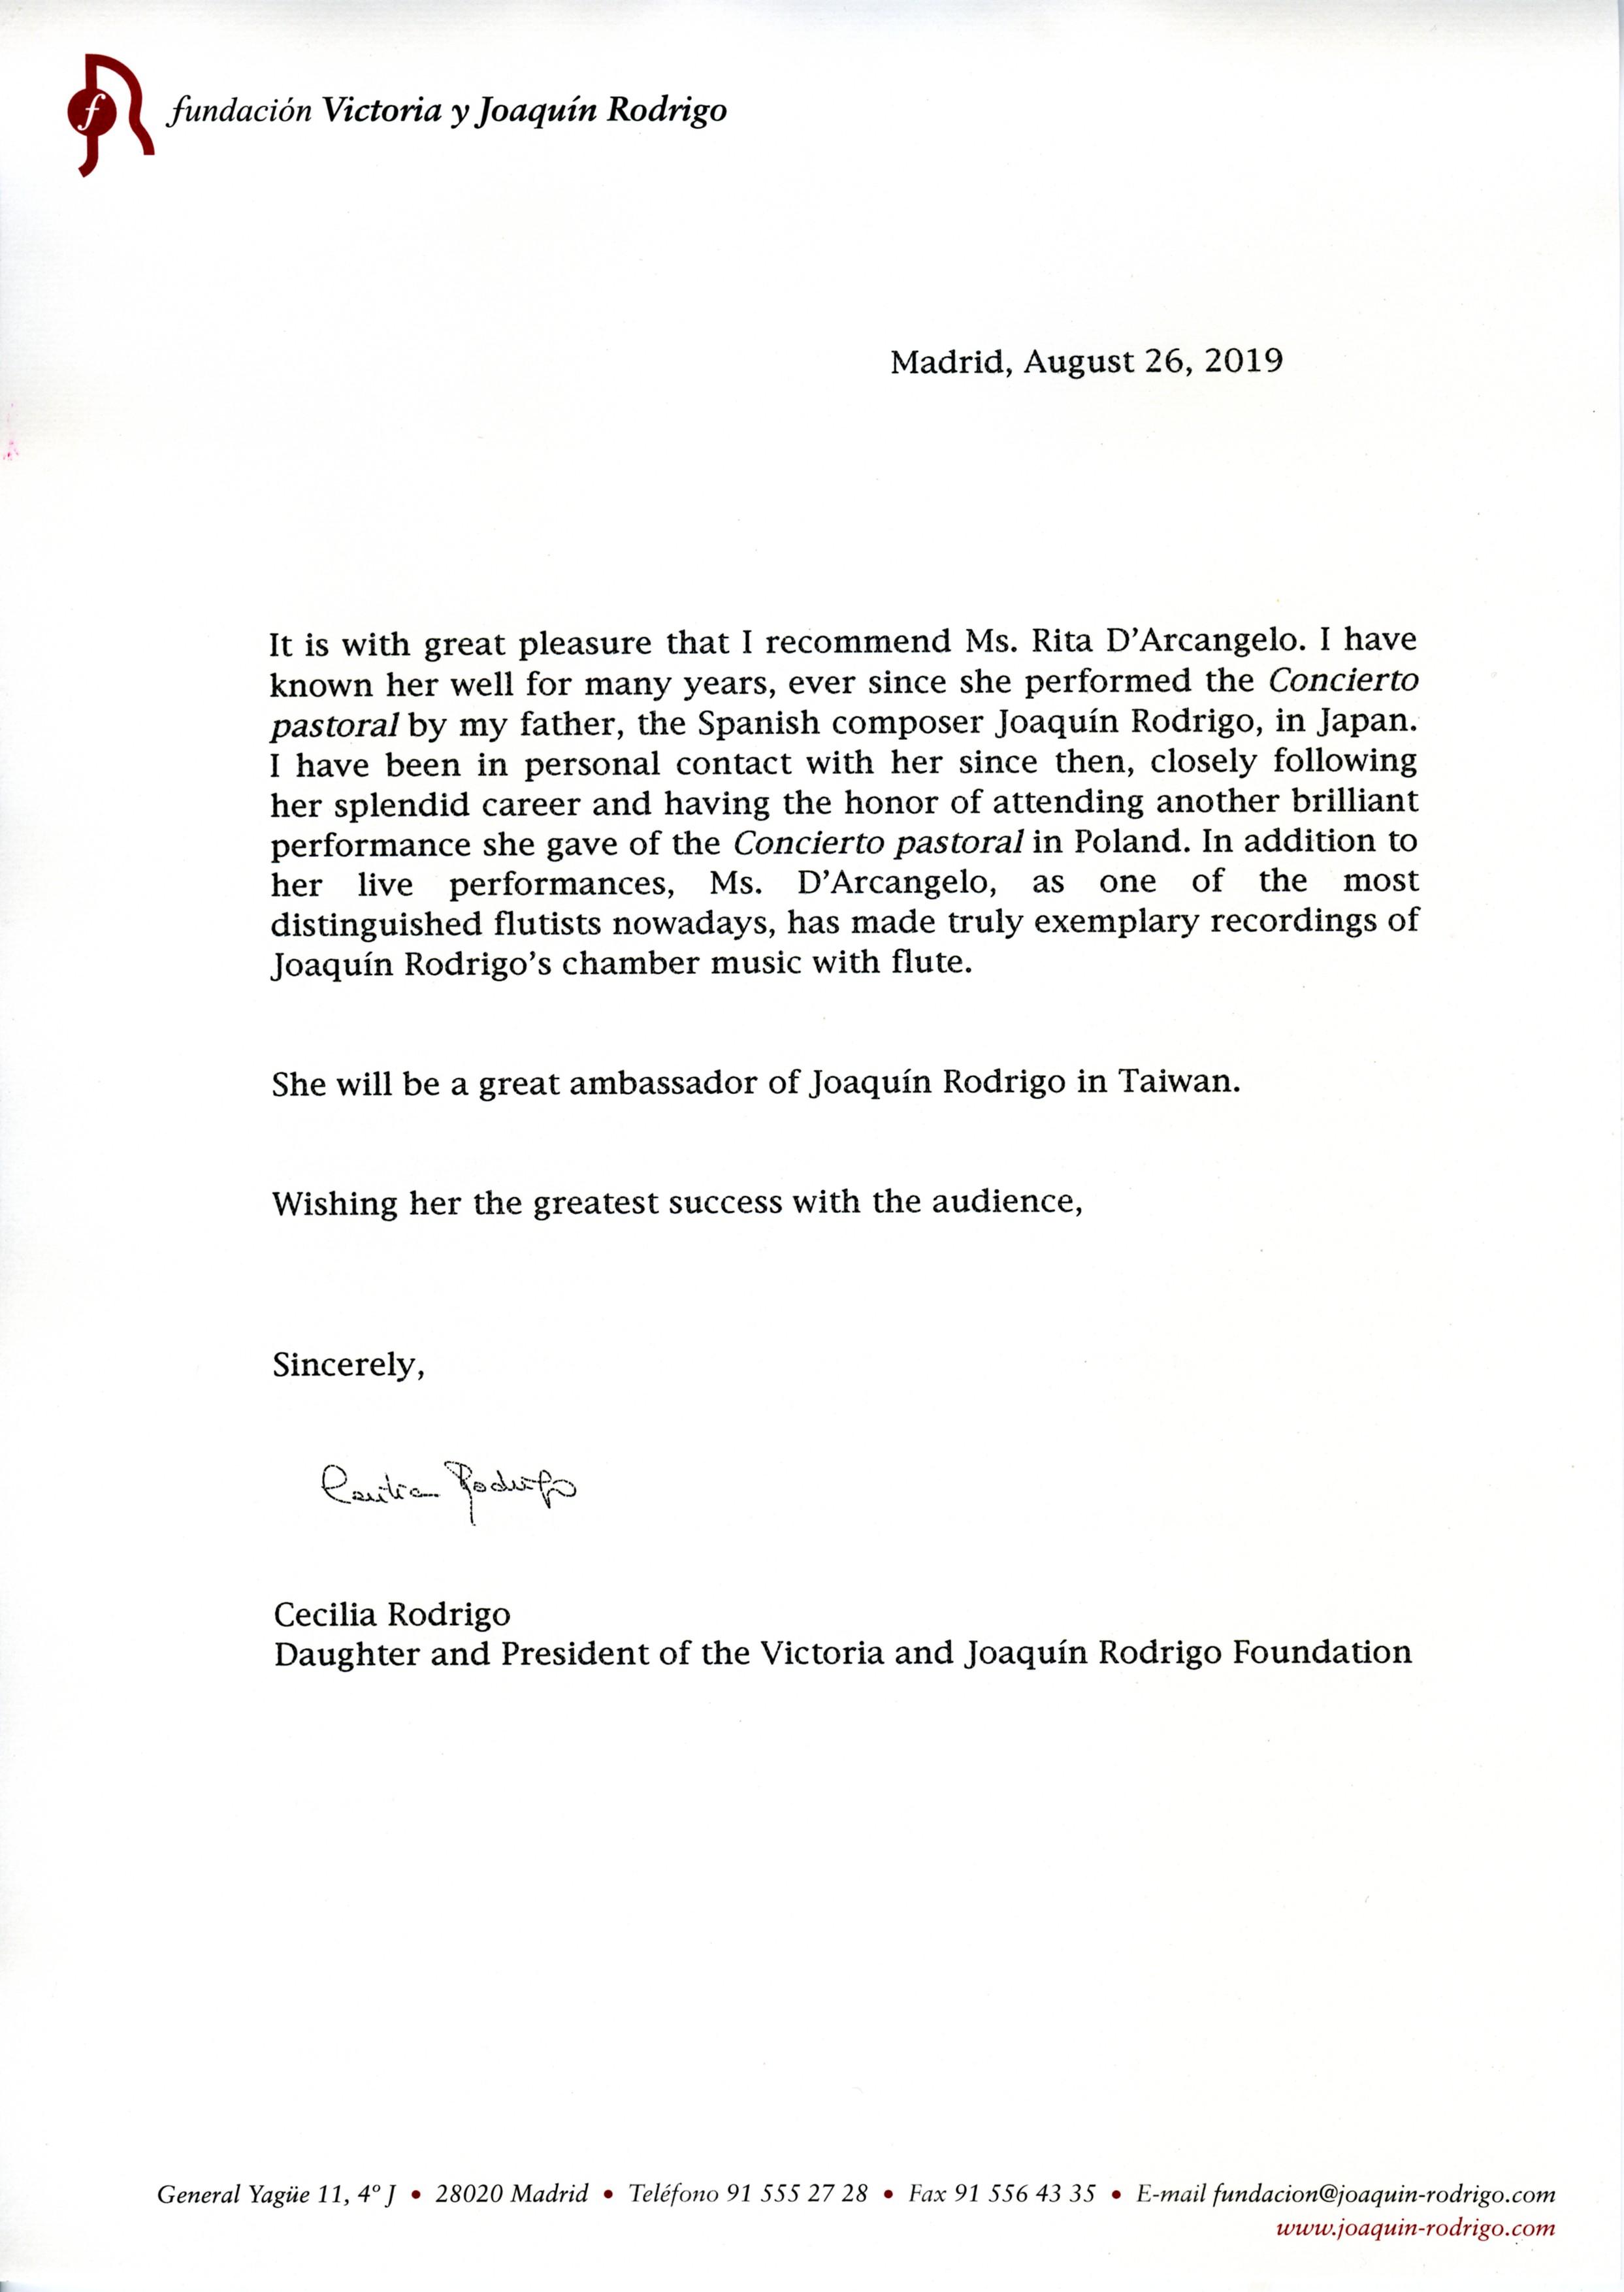 Recommendation letter from Cecilia Rodrigo_20190826.jpg